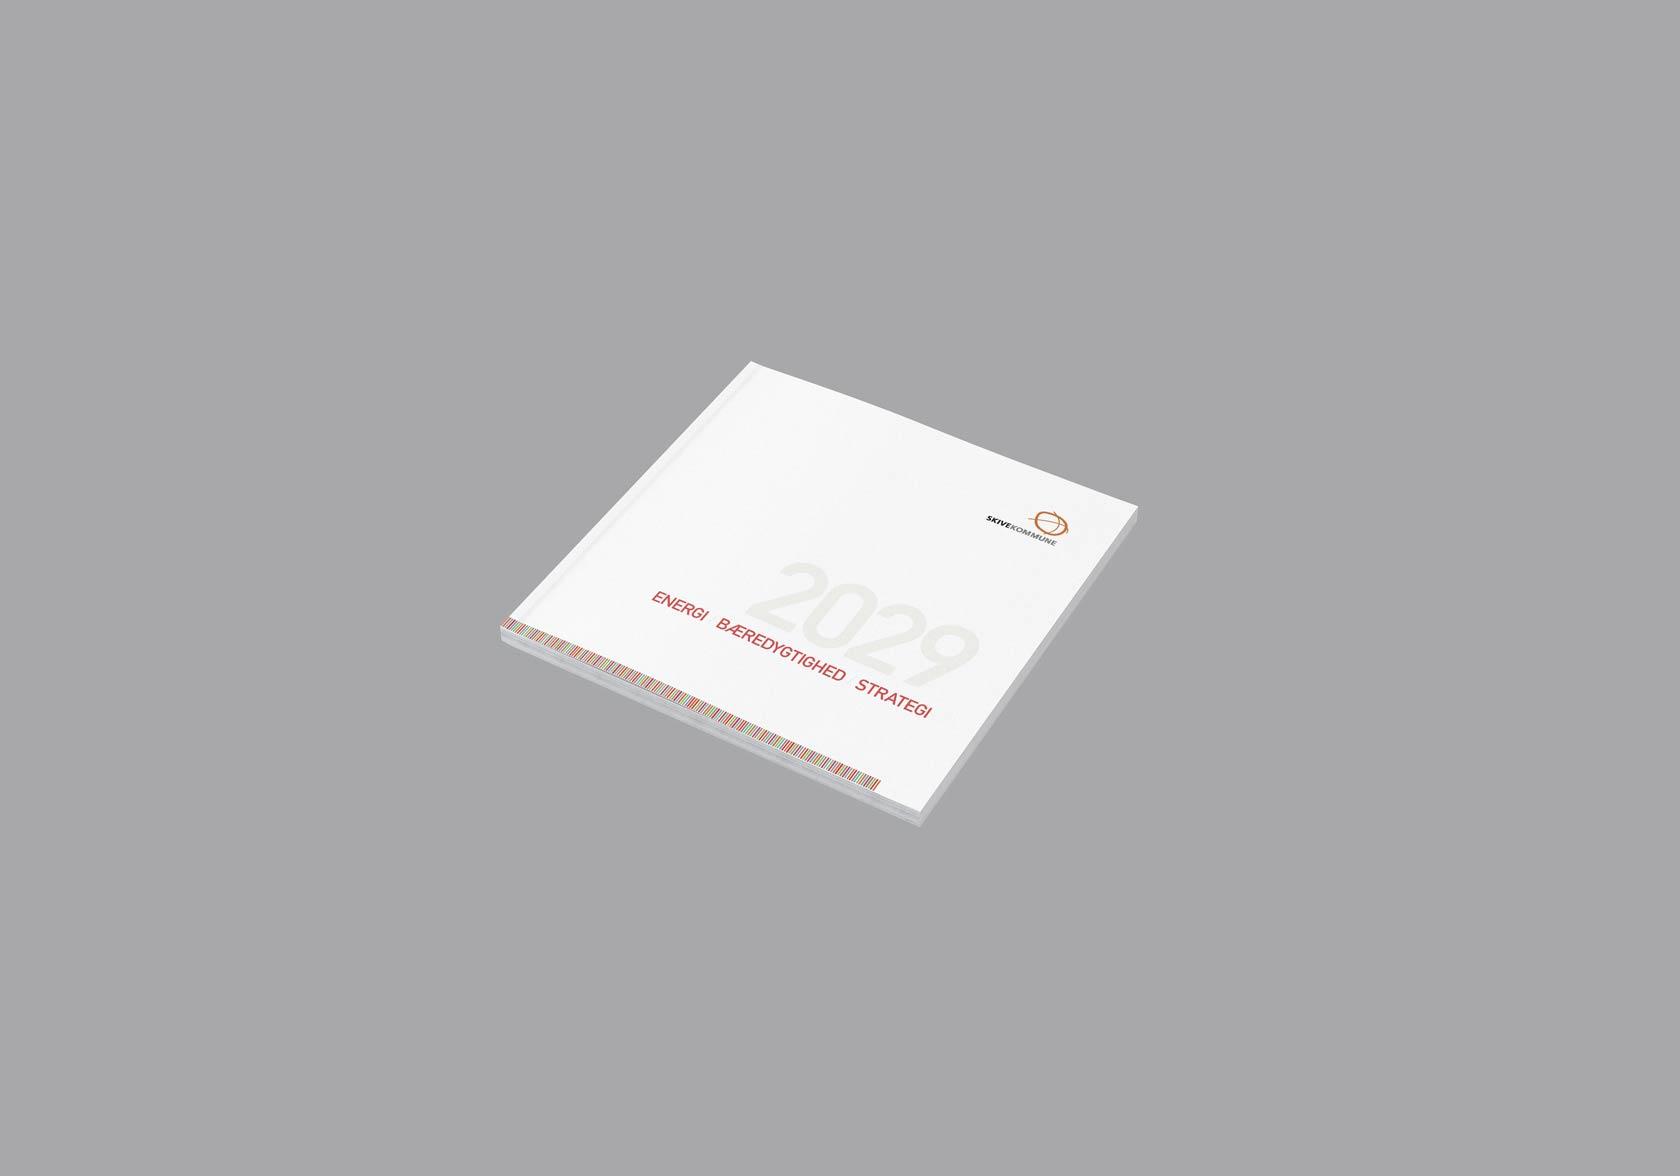 Billede der viser design på brochure til Skive Kommunes energistrategi 2022